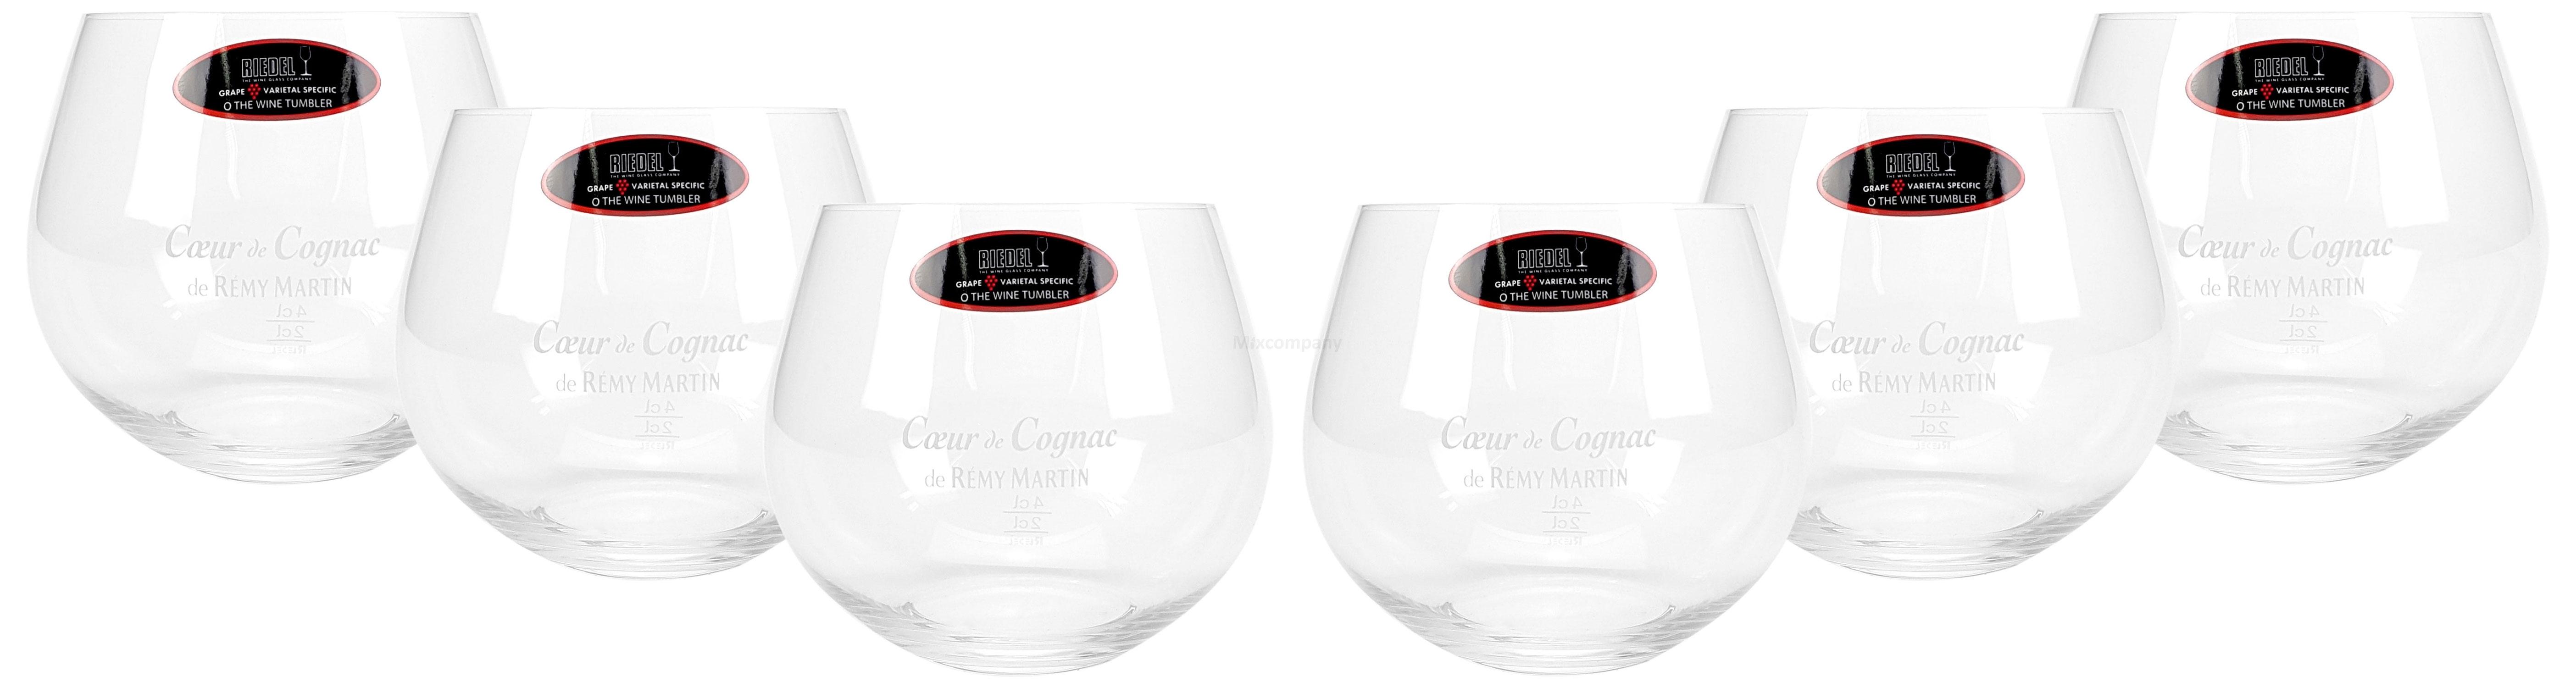 Remy Martin Caeur de Cognac Glas Gläser Set - 6x Wein Tumbler 2/4cl geeicht